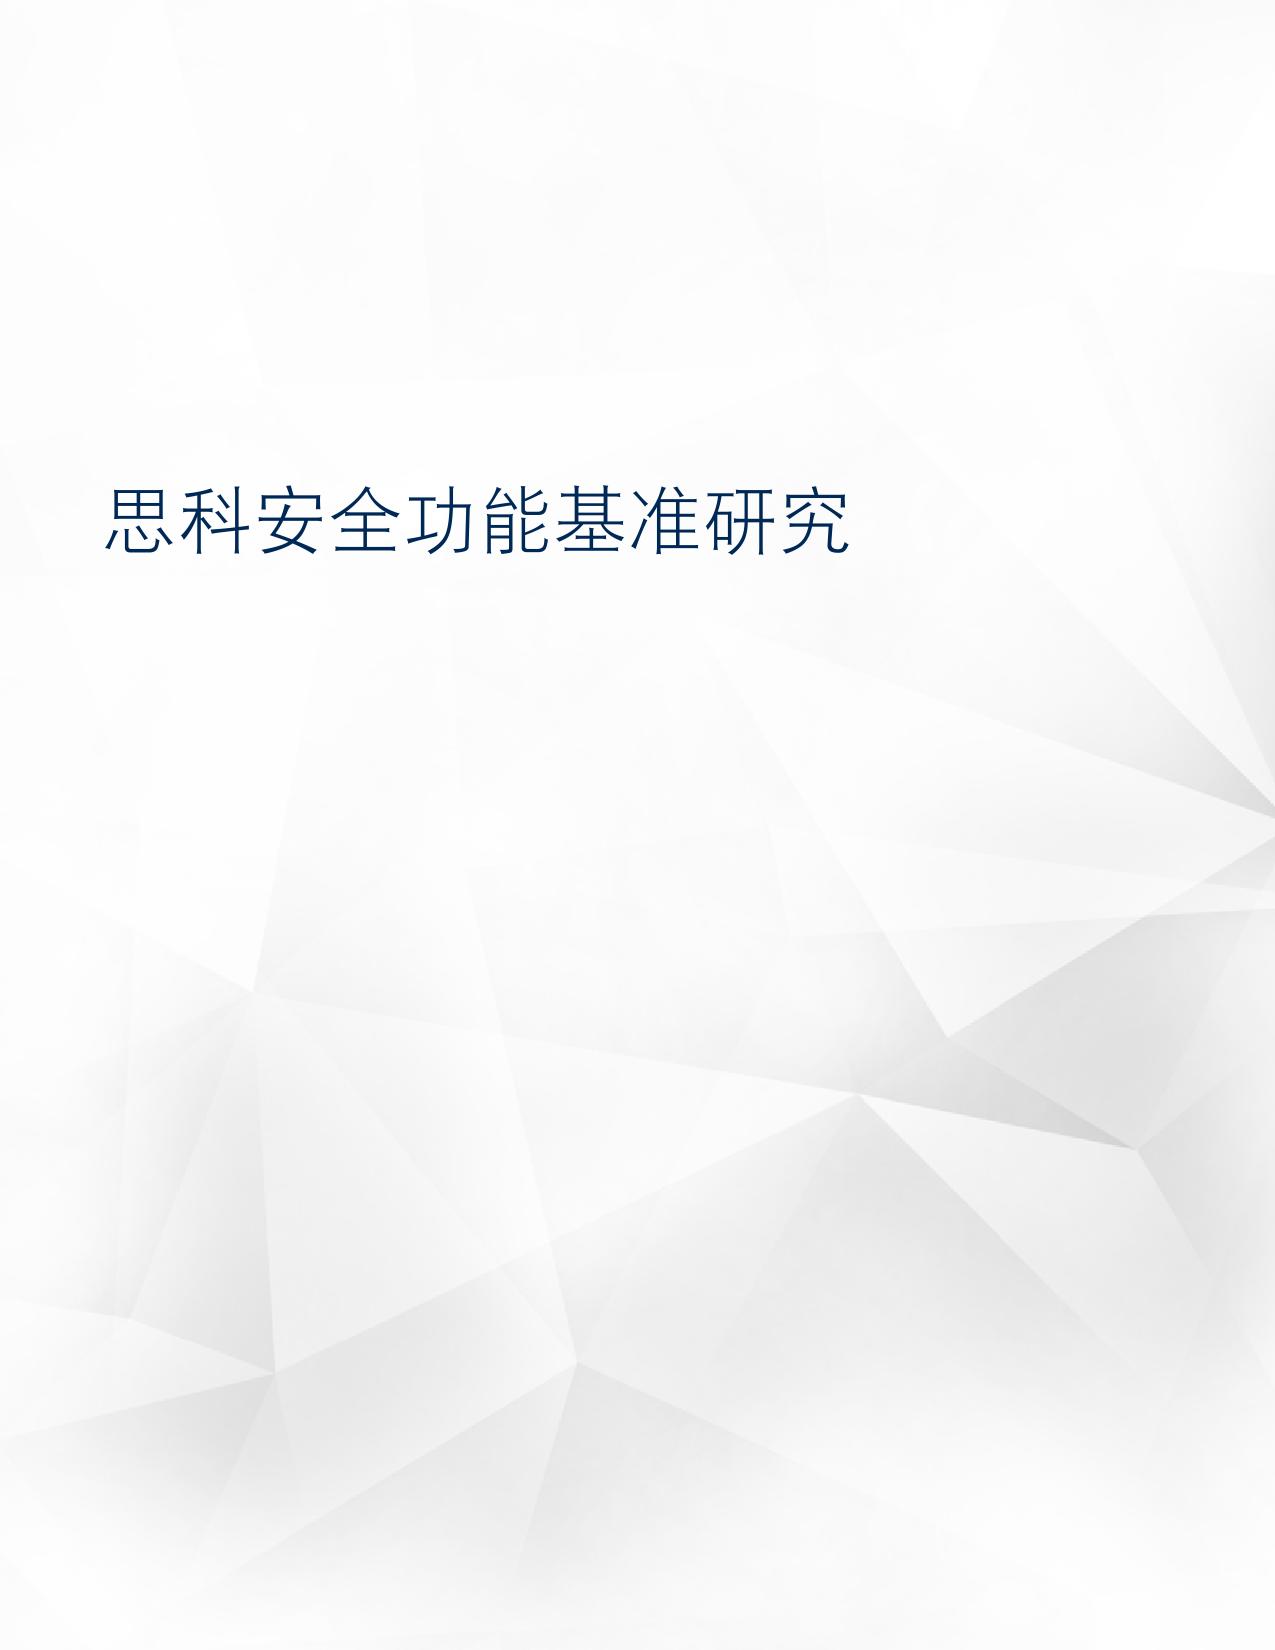 2016年中网络安全报告_000041